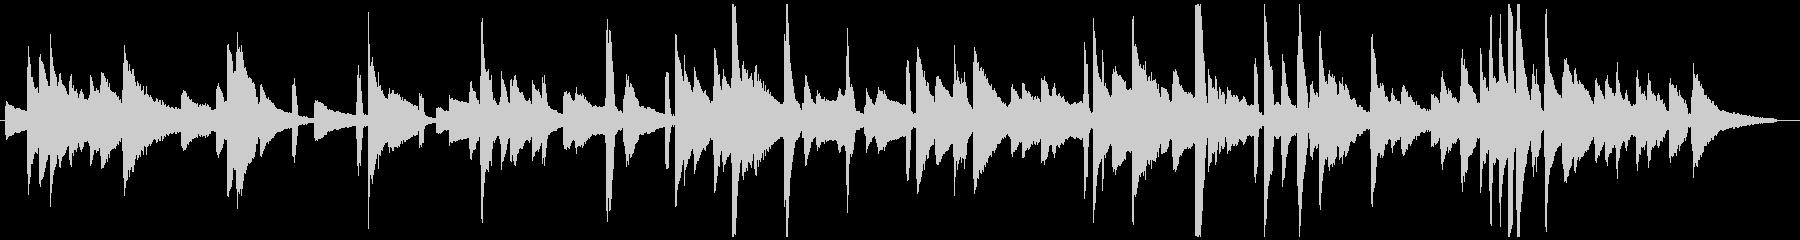 ゆっくりと揺れるピアノブルースの未再生の波形